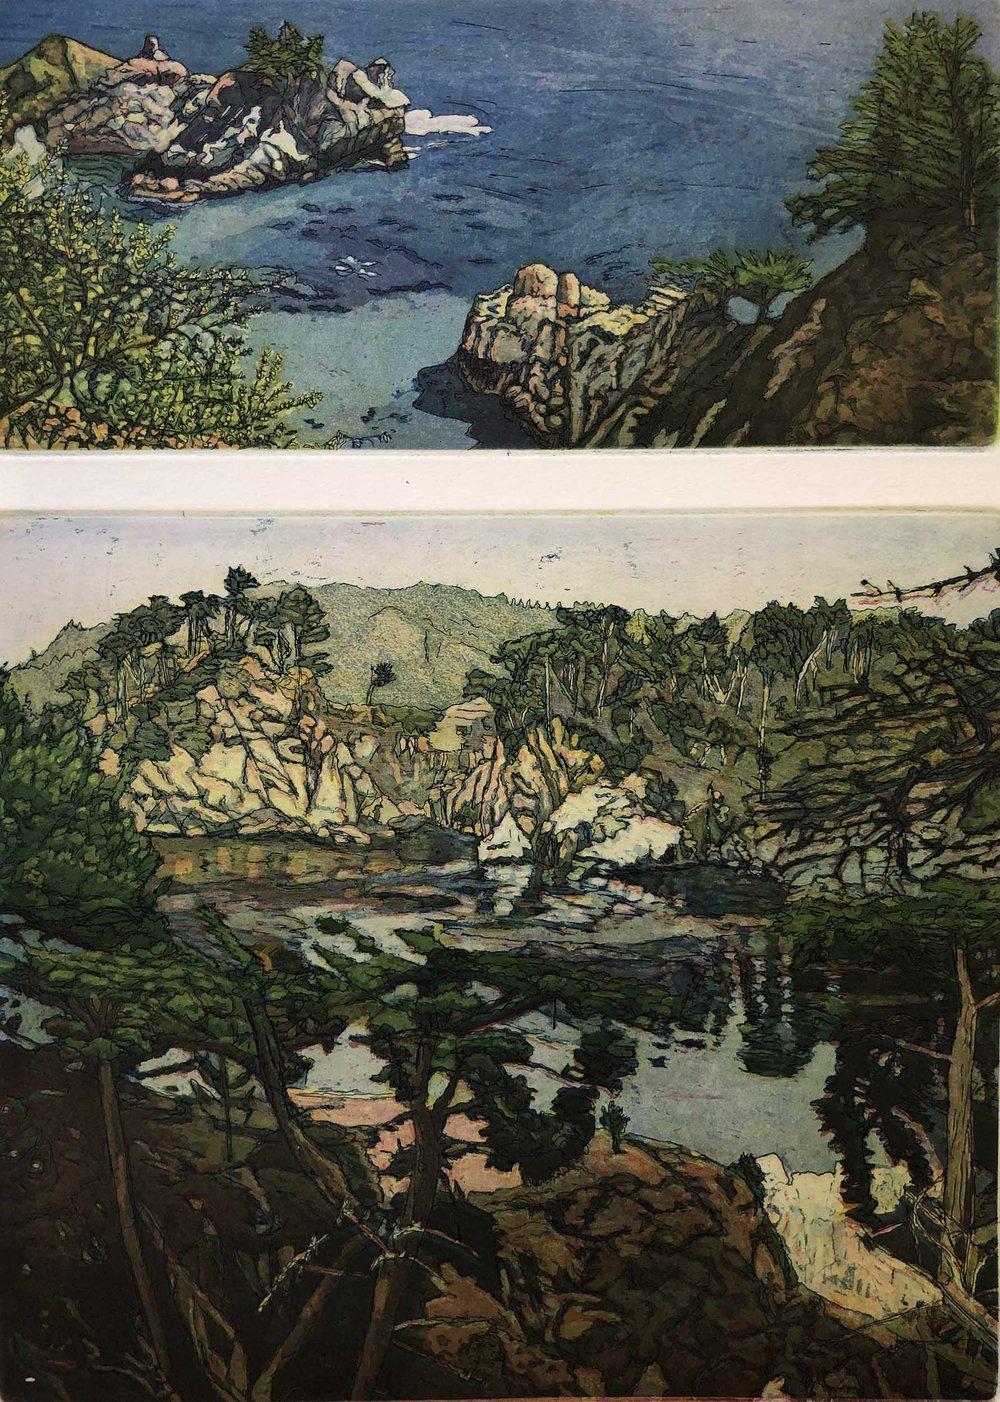 Coast Walk II: Pt. Lobos Big Sur/Big Sur